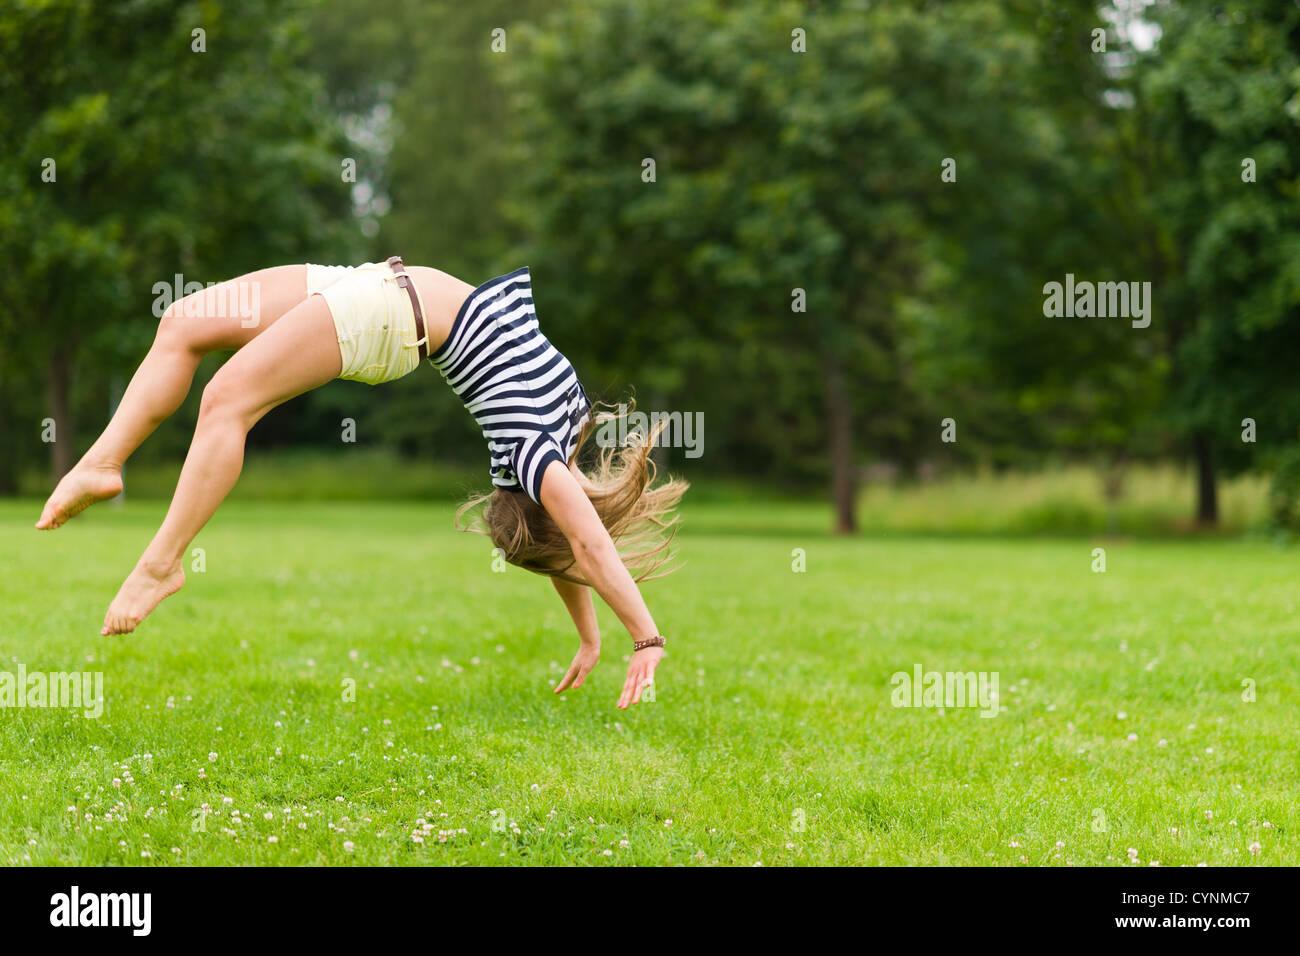 Giovane ragazza sportiva salta indietro al parco, immagine con profondità di campo ridotta Foto Stock